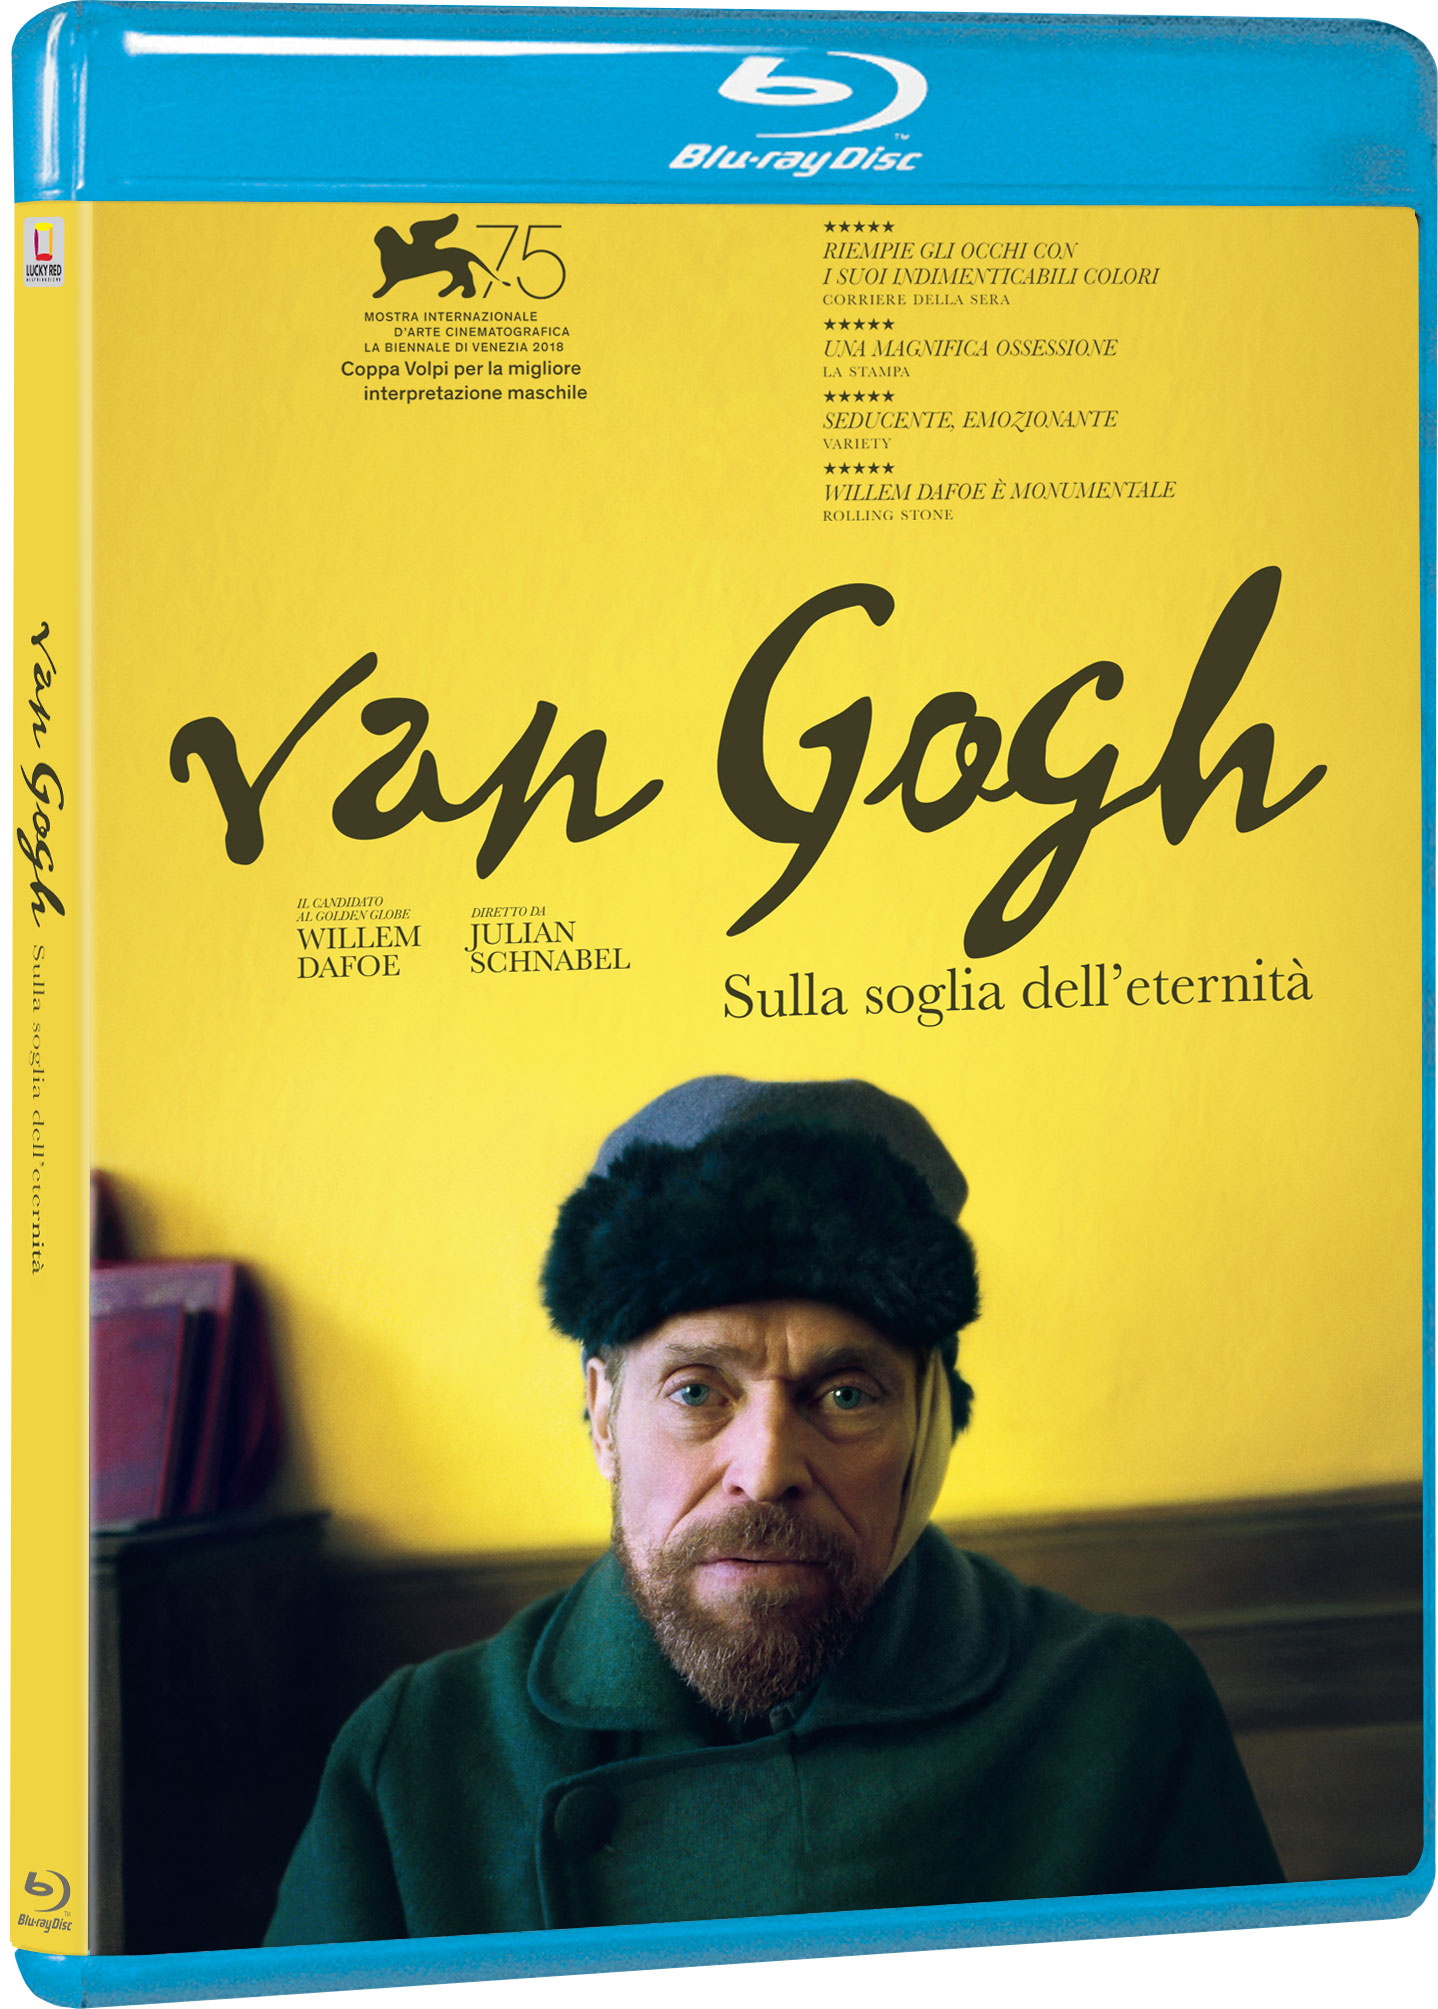 VAN GOGH - SULLA SOGLIA DELL'ETERNITA' - BLU RAY